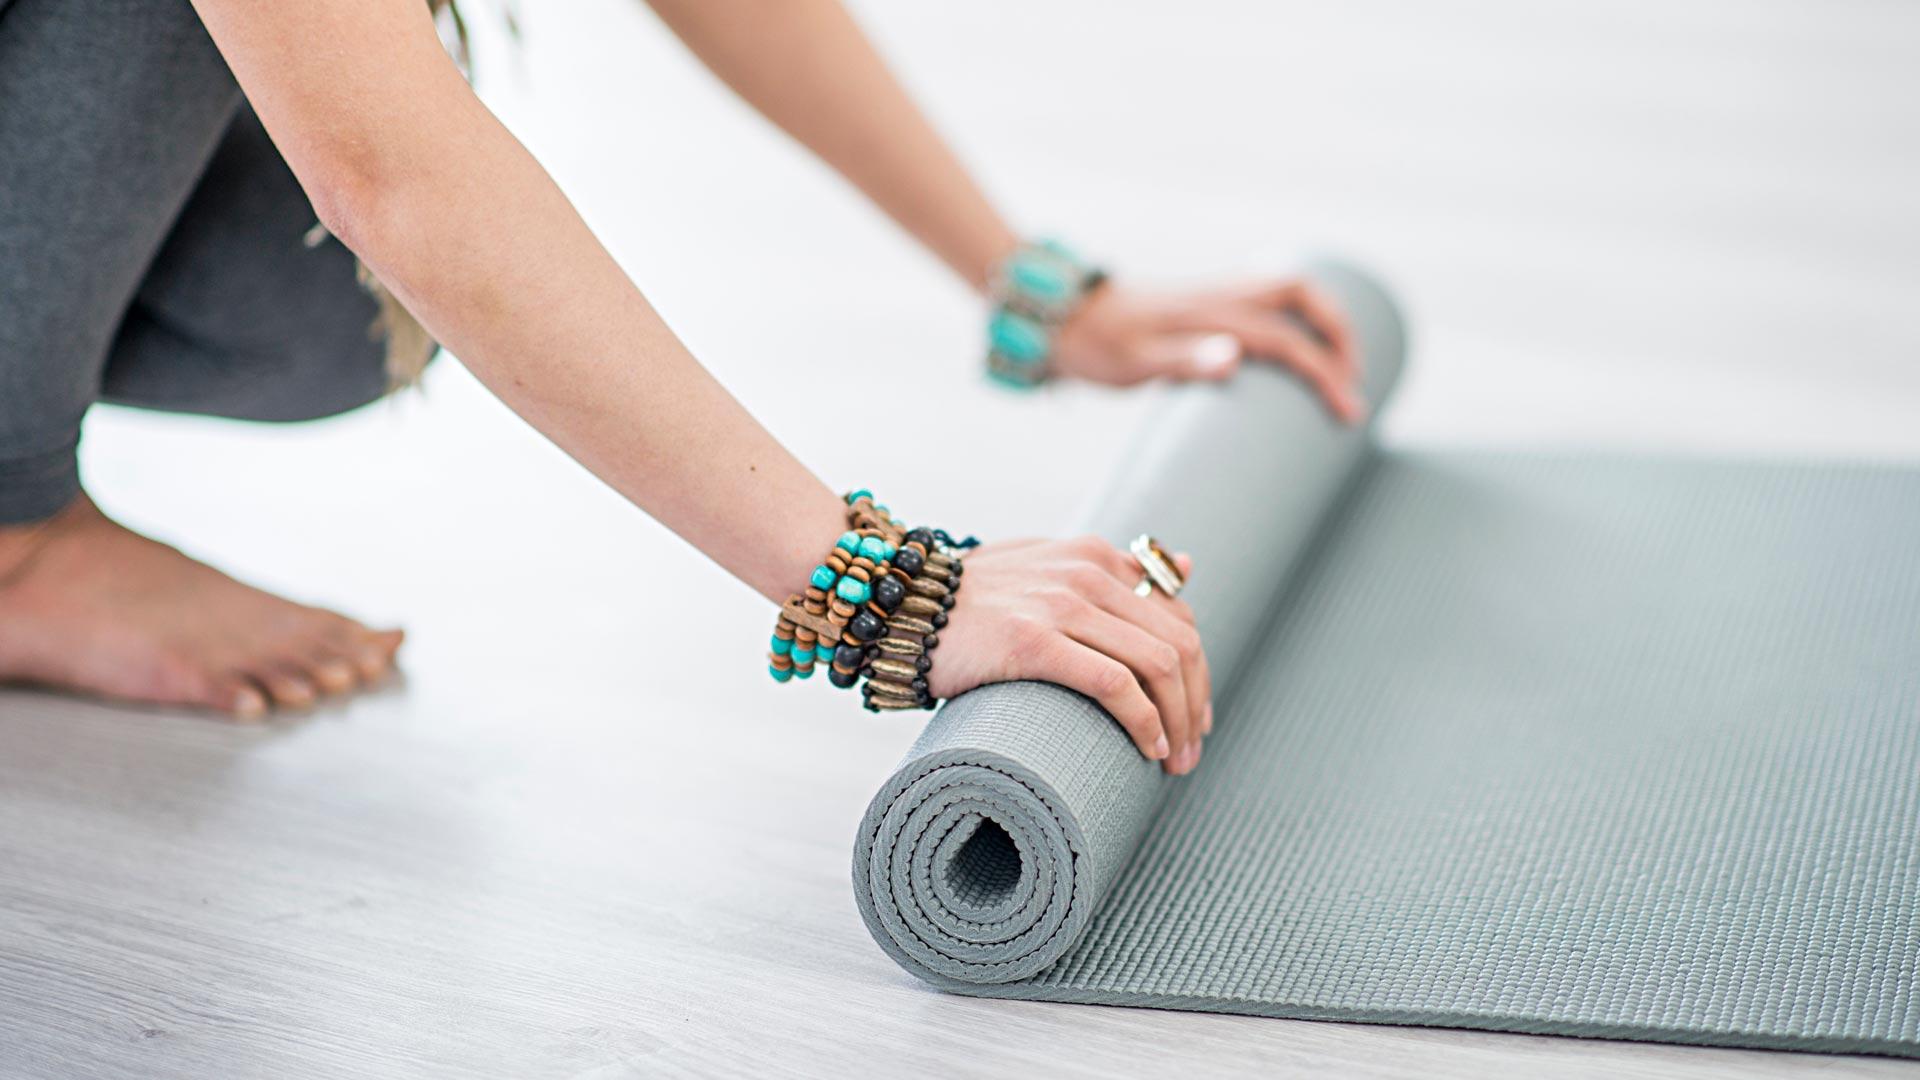 Kaisa Jaakkola kertoo, että jooga- tai mindfulness-harjoituksessa aistitaan, miltä keho juuri nyt tuntuu.